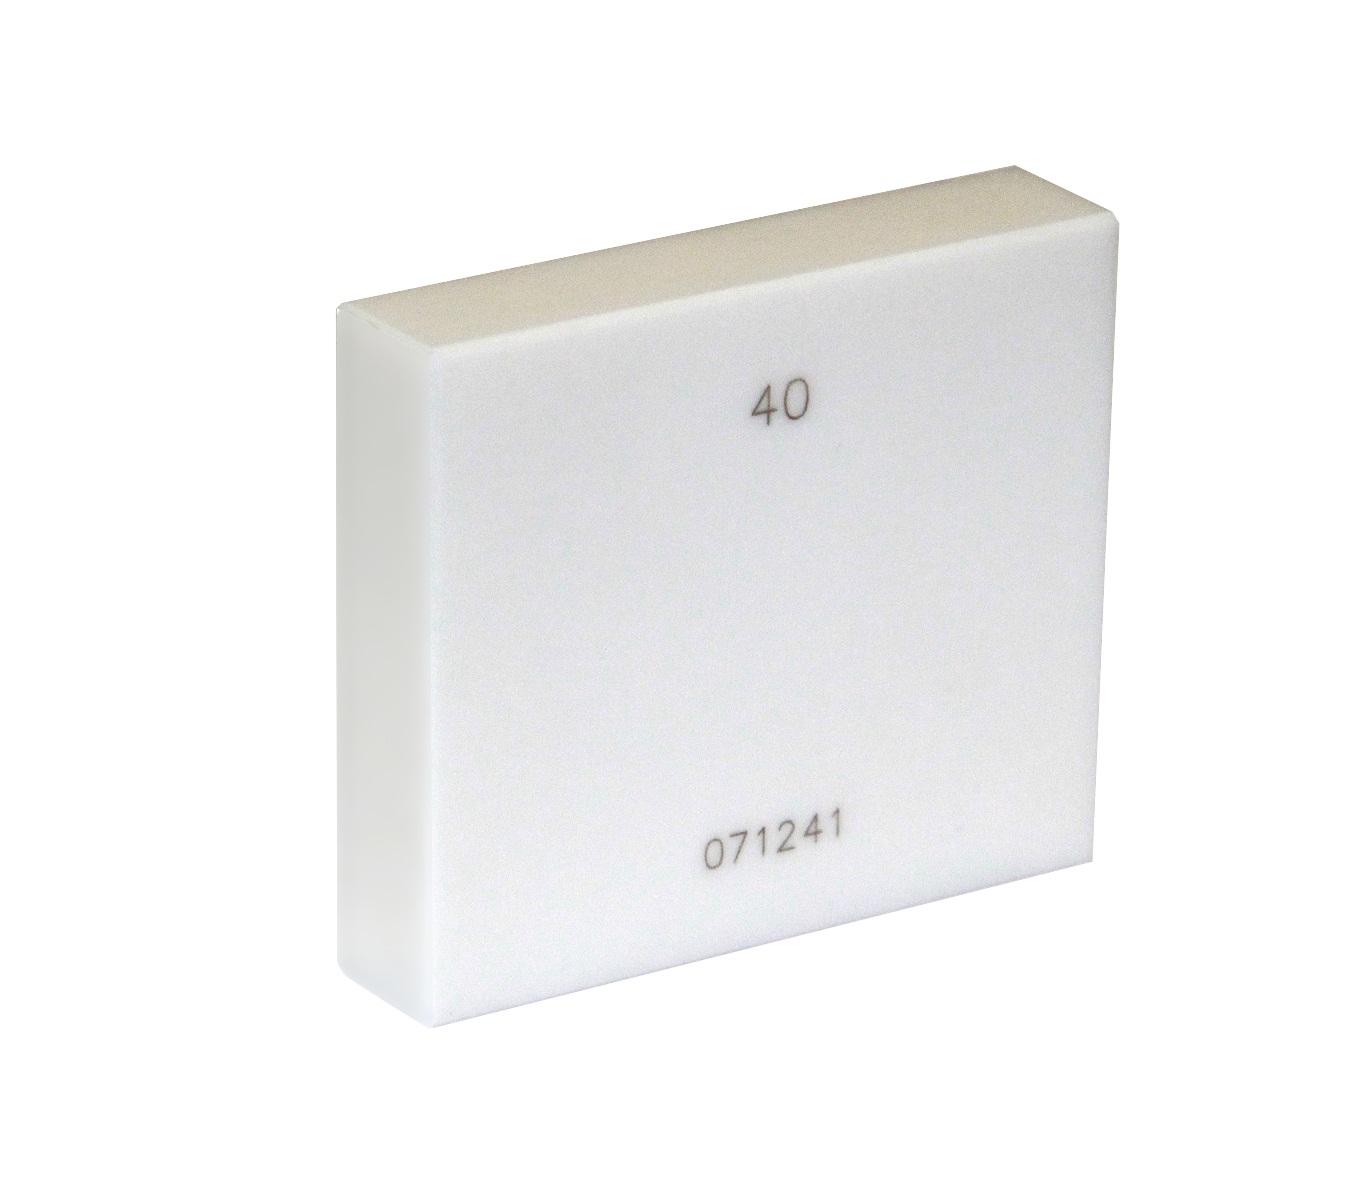 Einzel-Endmaße aus Keramik - von 1,5 mm bis 100 mm - DIN EN ISO 3650